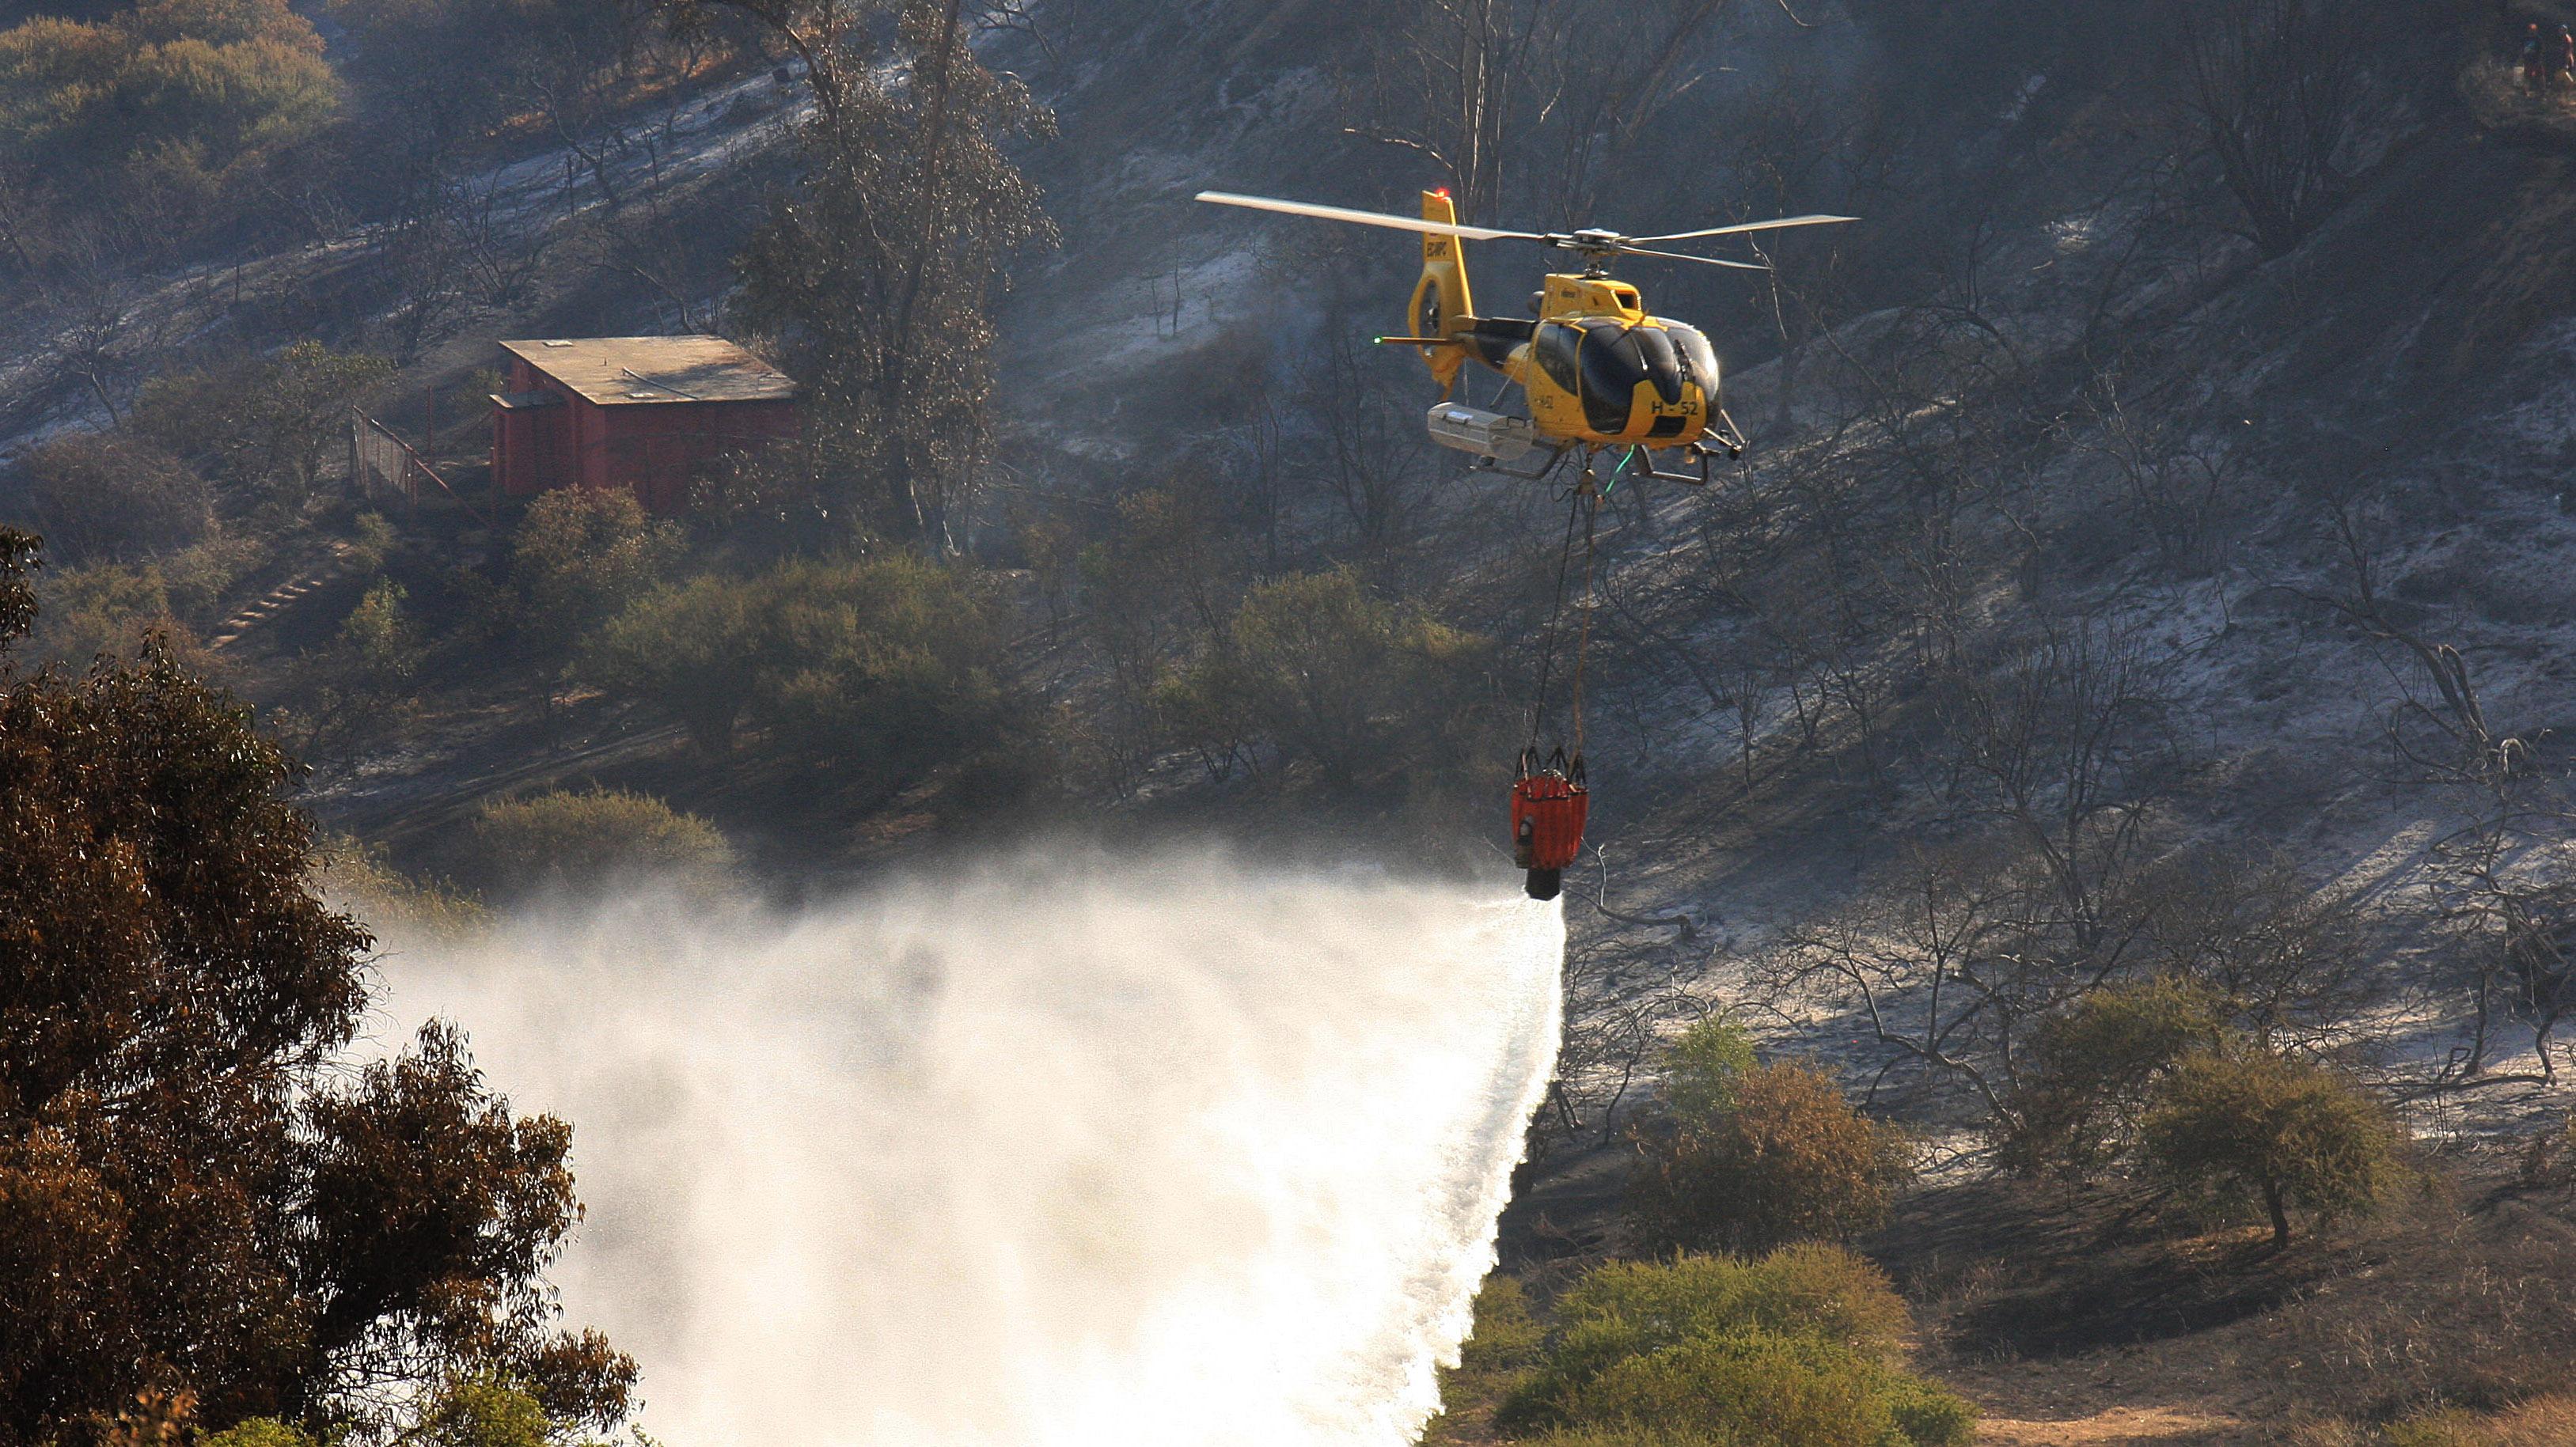 Más incendios, pero menos hectáreas afectadas: La estrategia del Gobierno para combatir el fuego